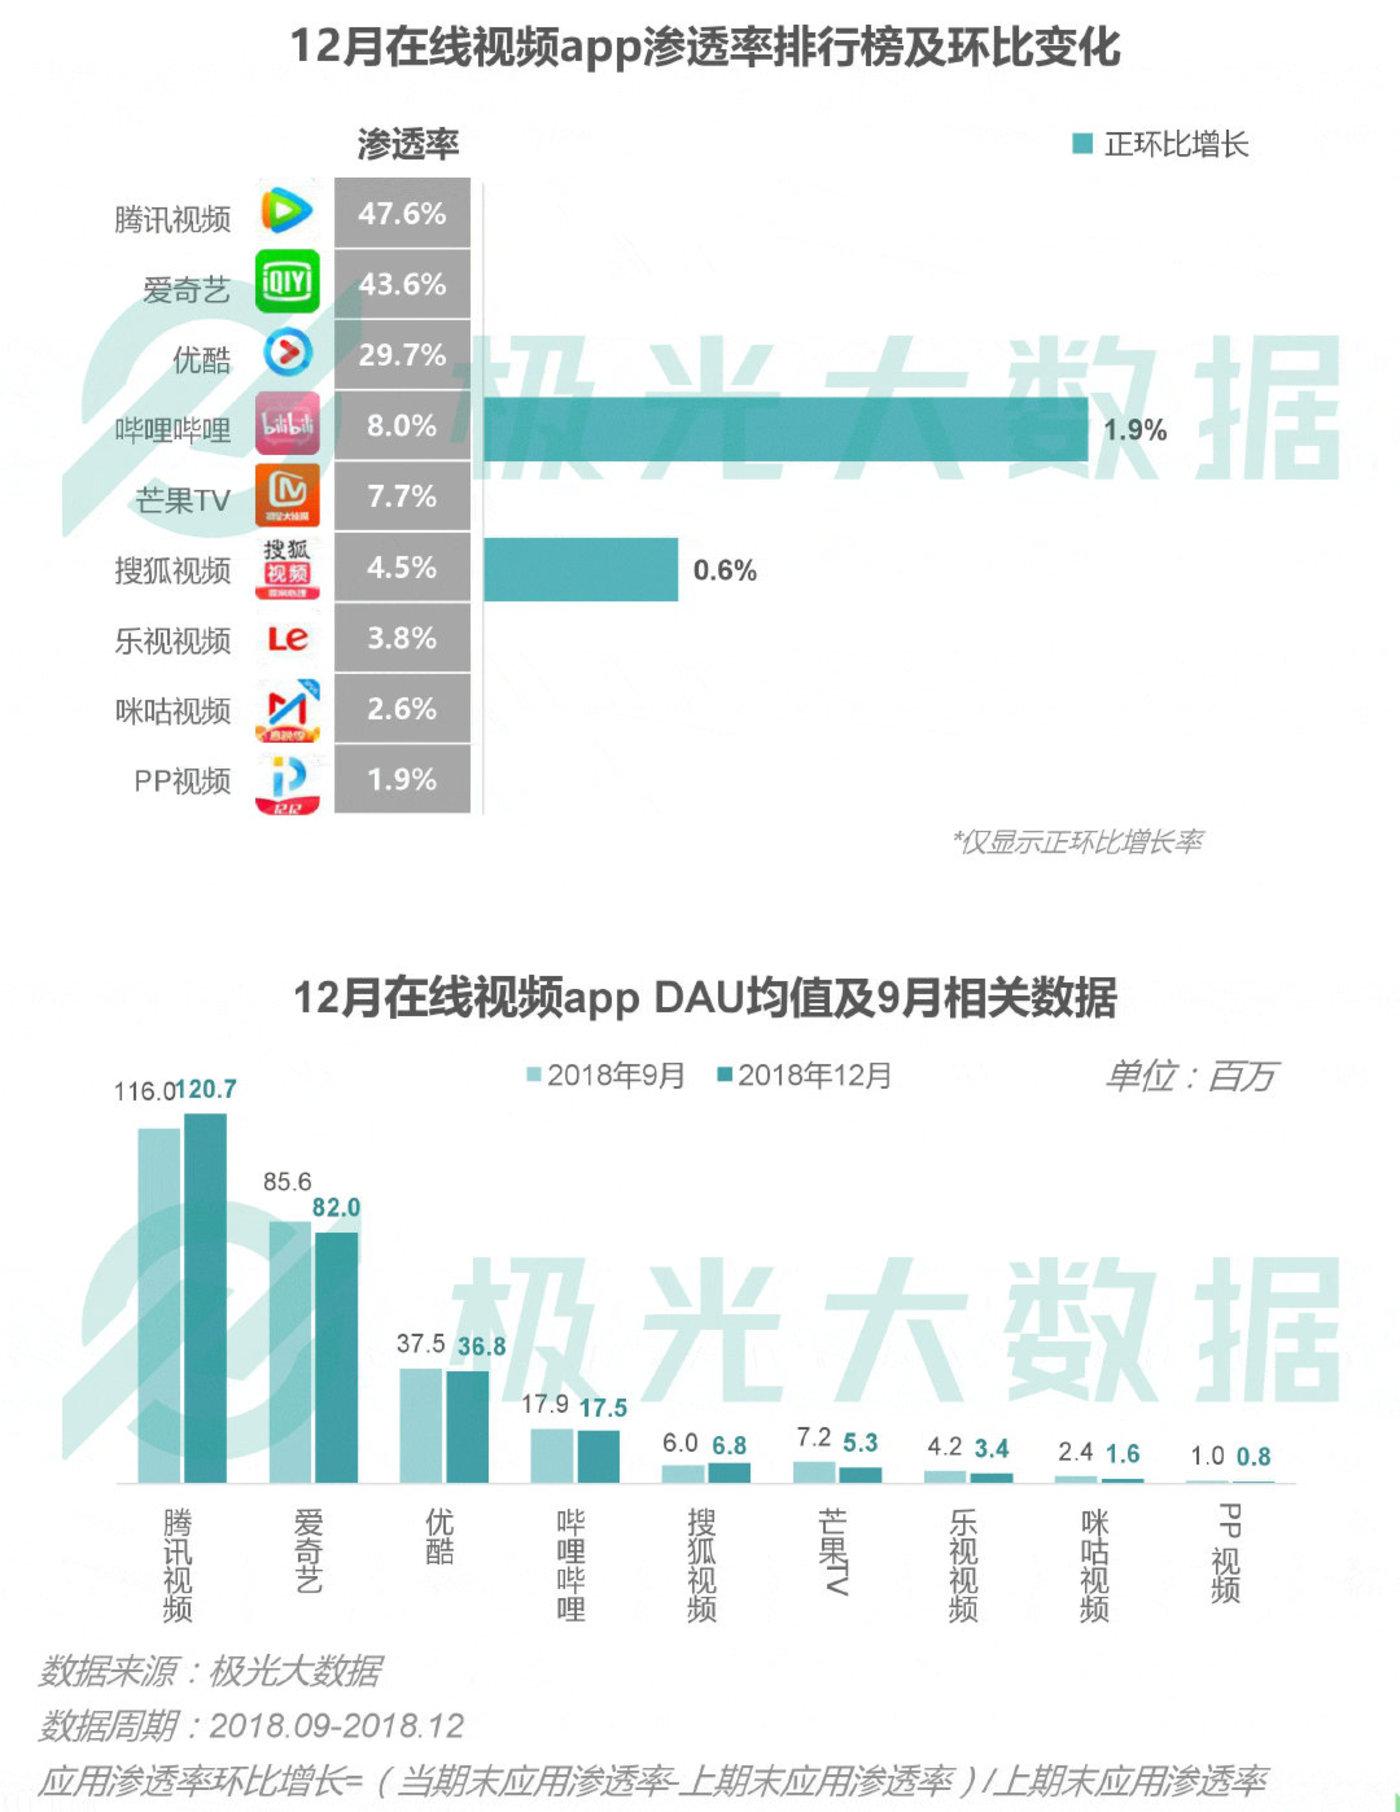 2018移动互联网行业研究报告:社交领域App态势稳固,综合商城风云变幻